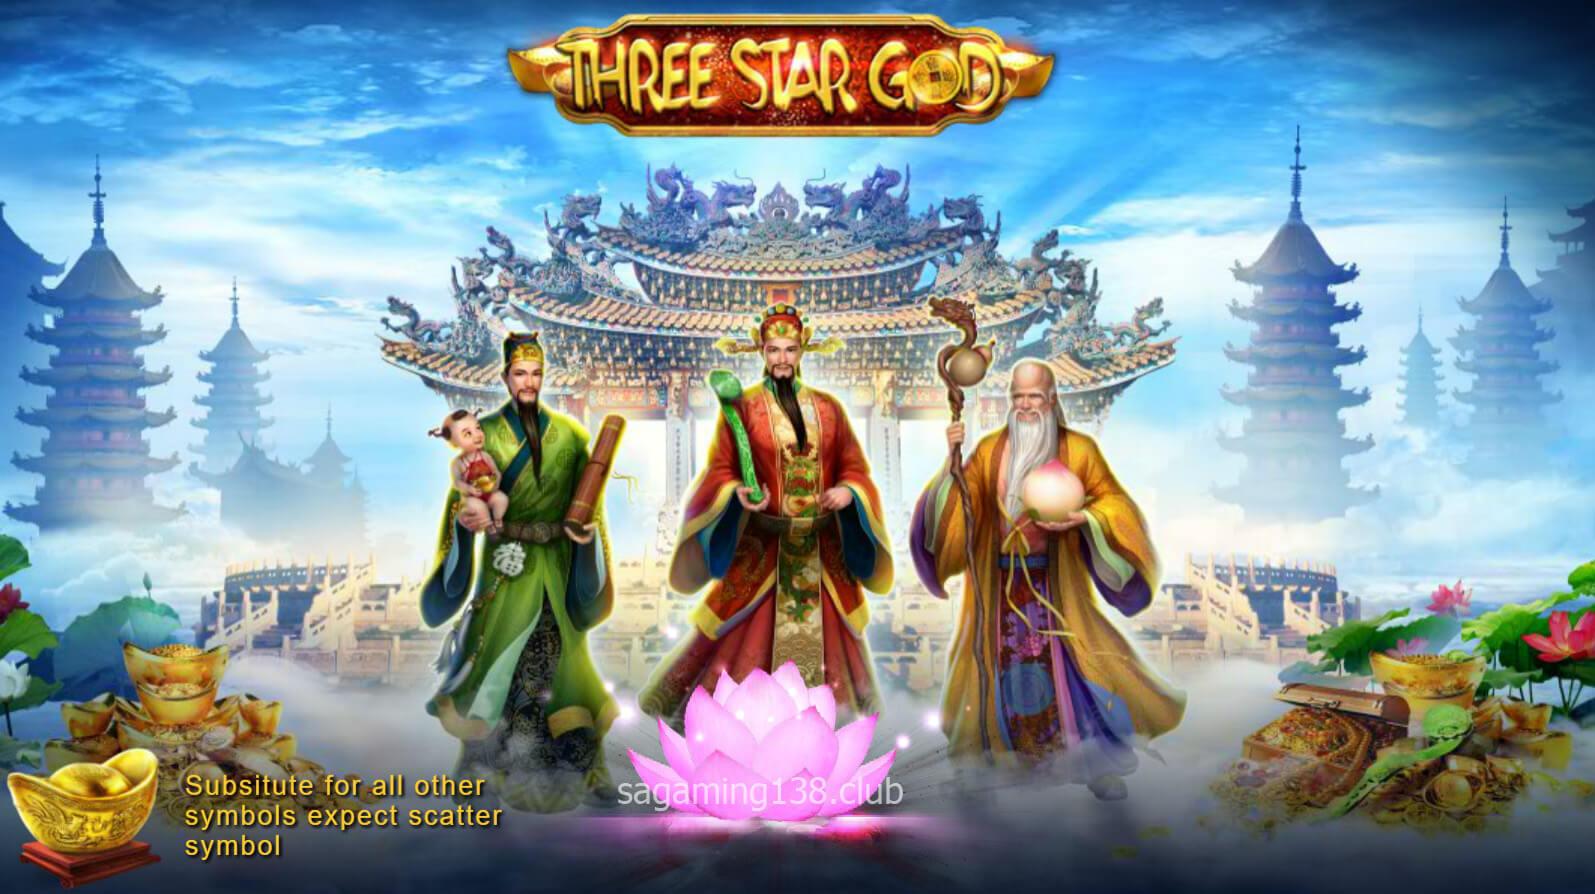 Three Star God เกมสล็อตออนไลน์ 11 SA Gaming คาสิโนออนไลน์ที่ดีที่สุด